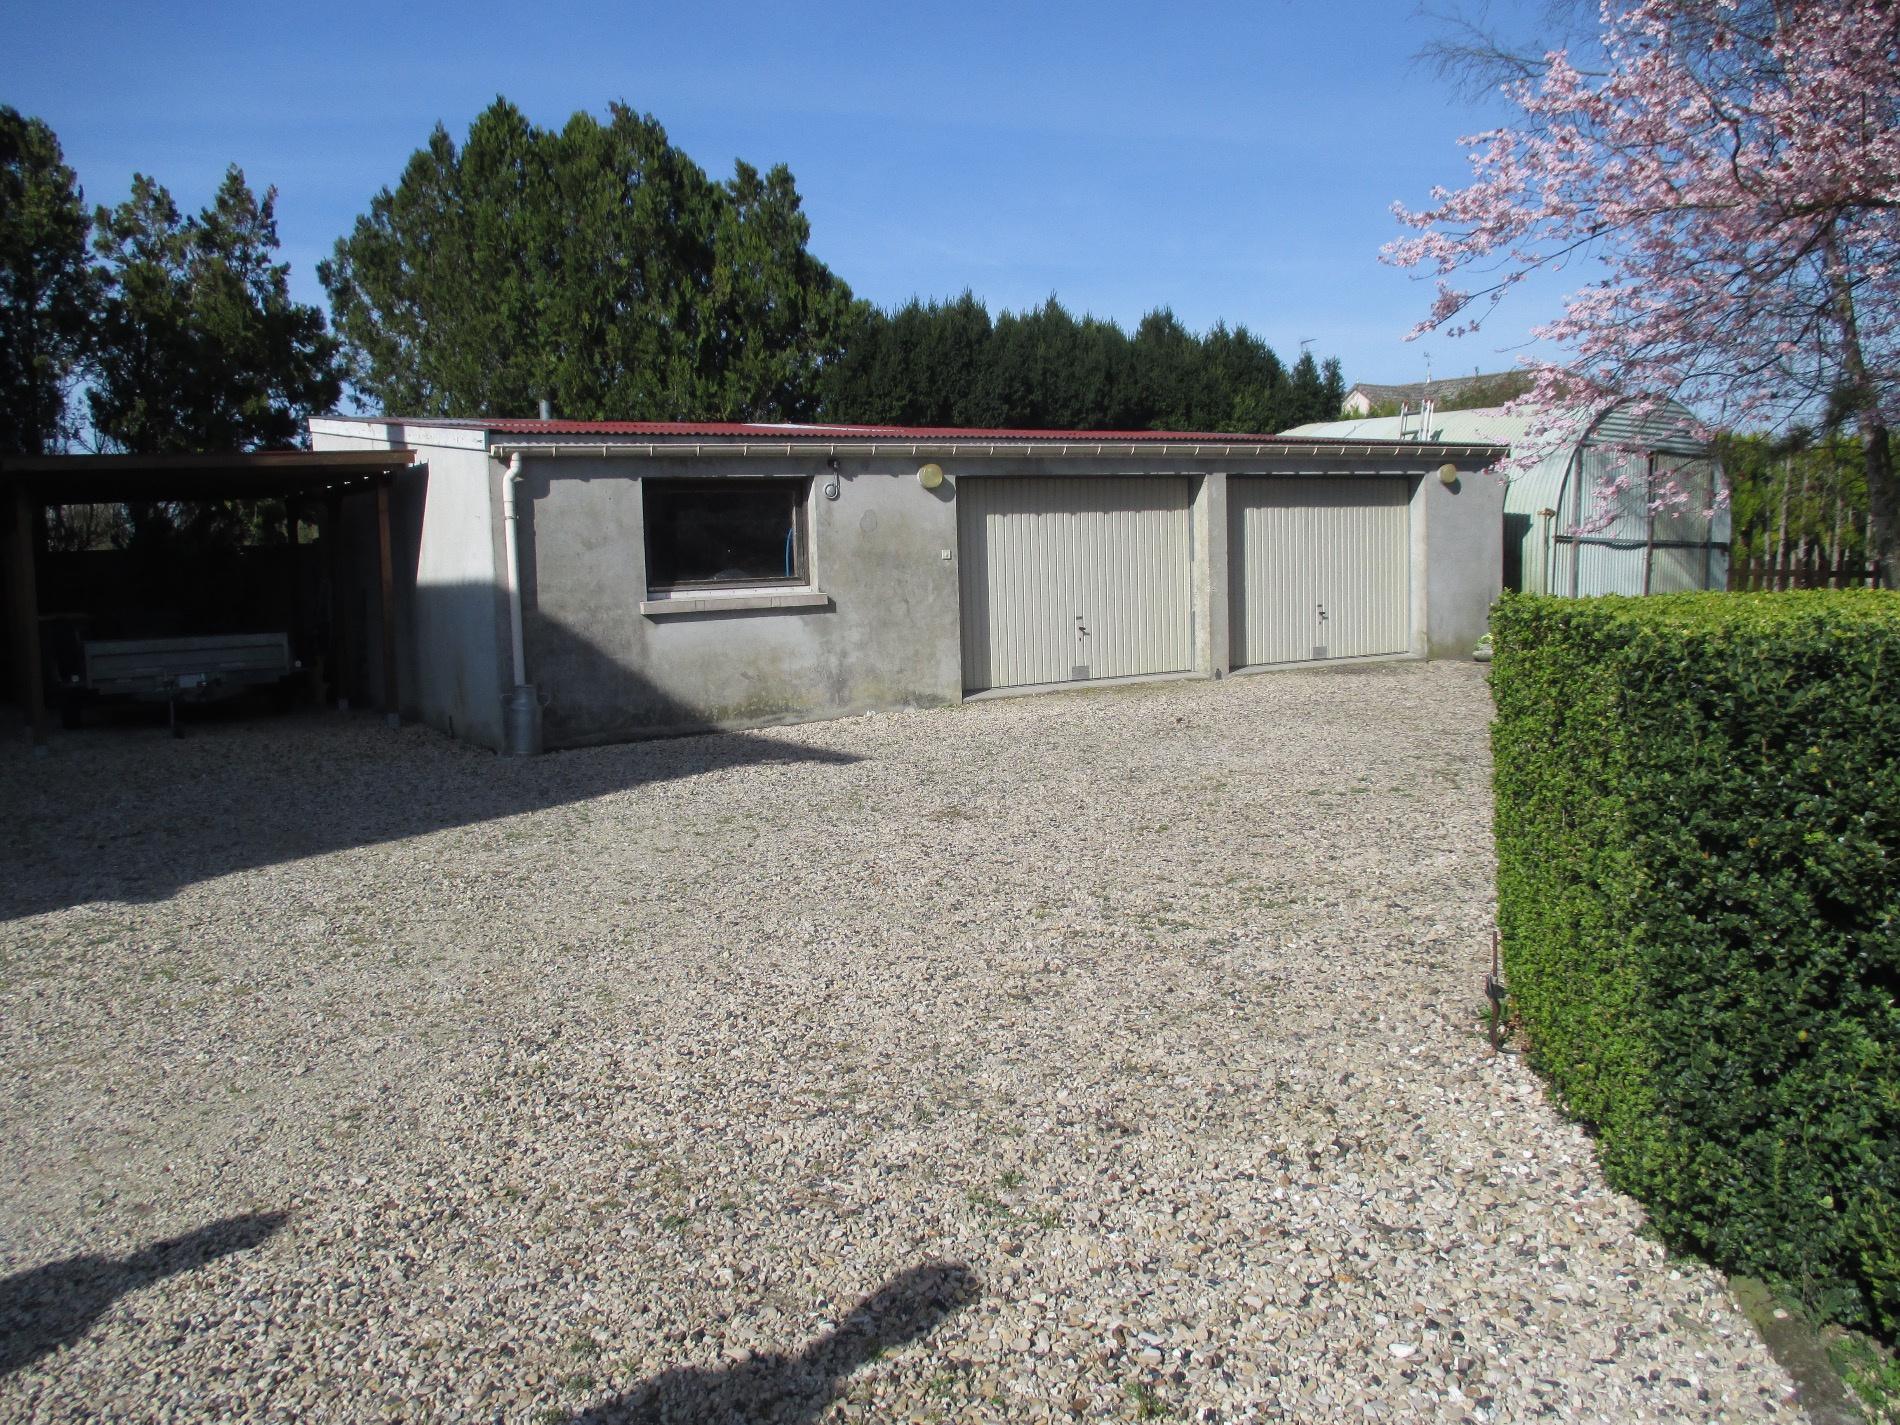 Vente maison de village avec grand volume for Grand garage montluconnais sas